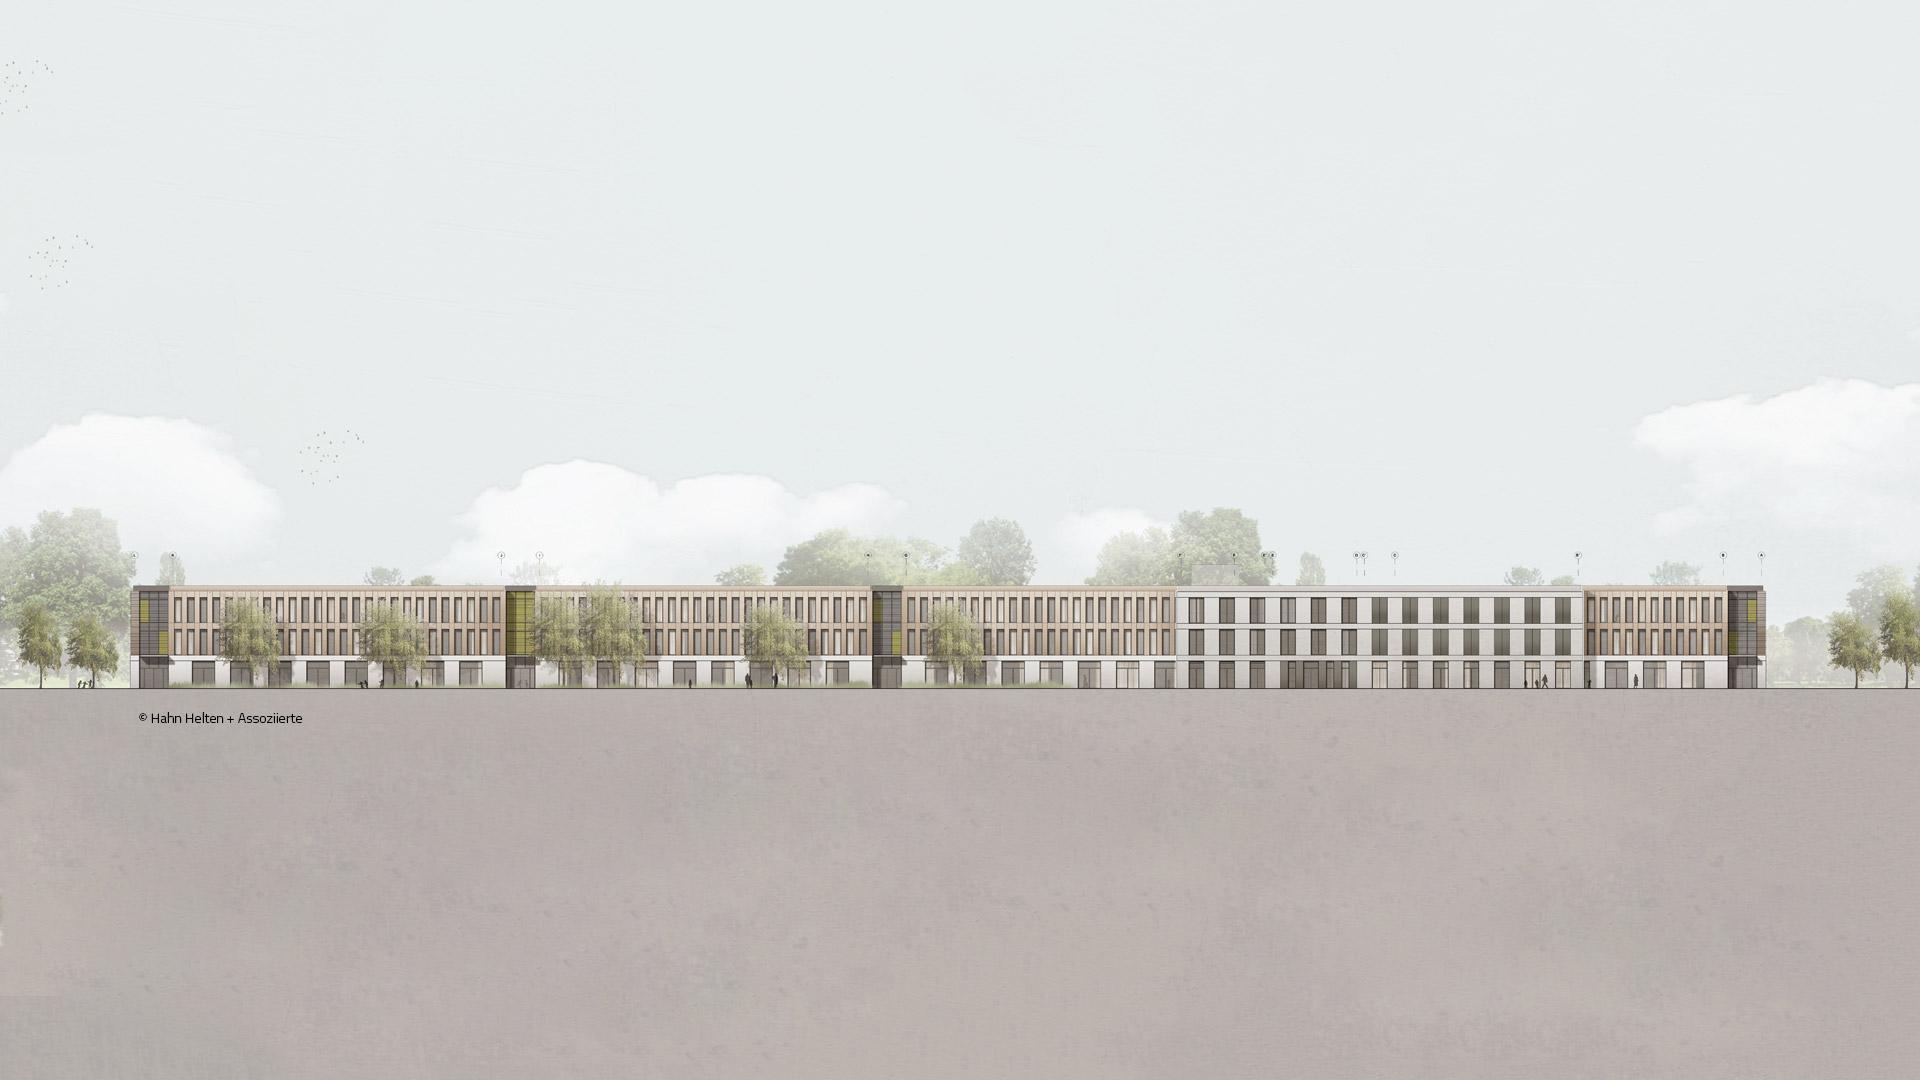 Neubau Willy-Brandt-Gesamtschule, Köln